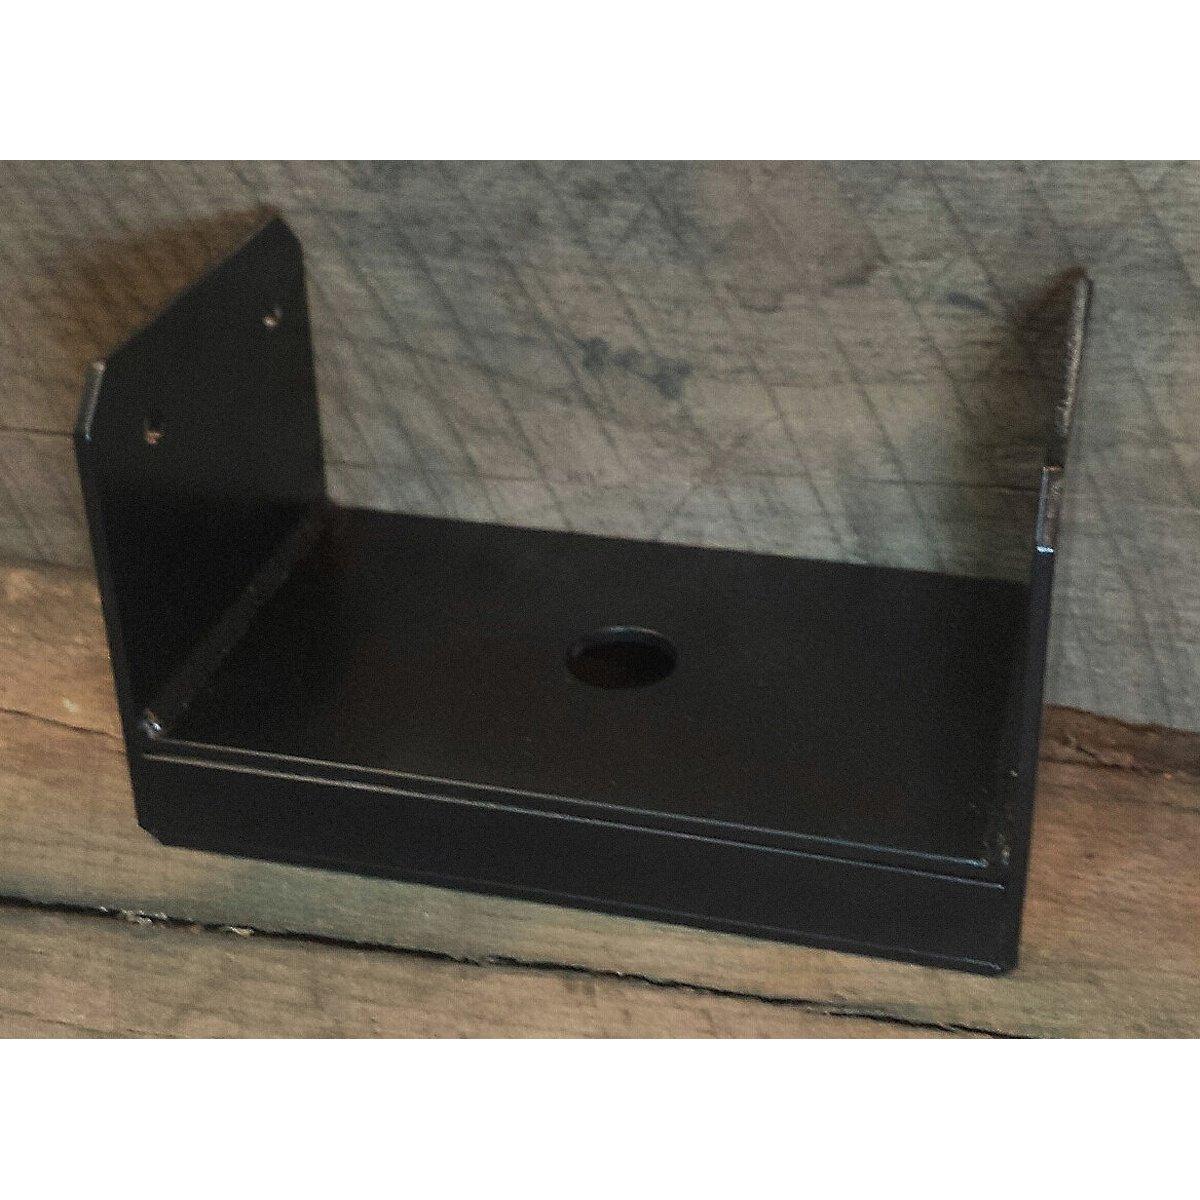 Uplift Post Base Brackets Painted Black